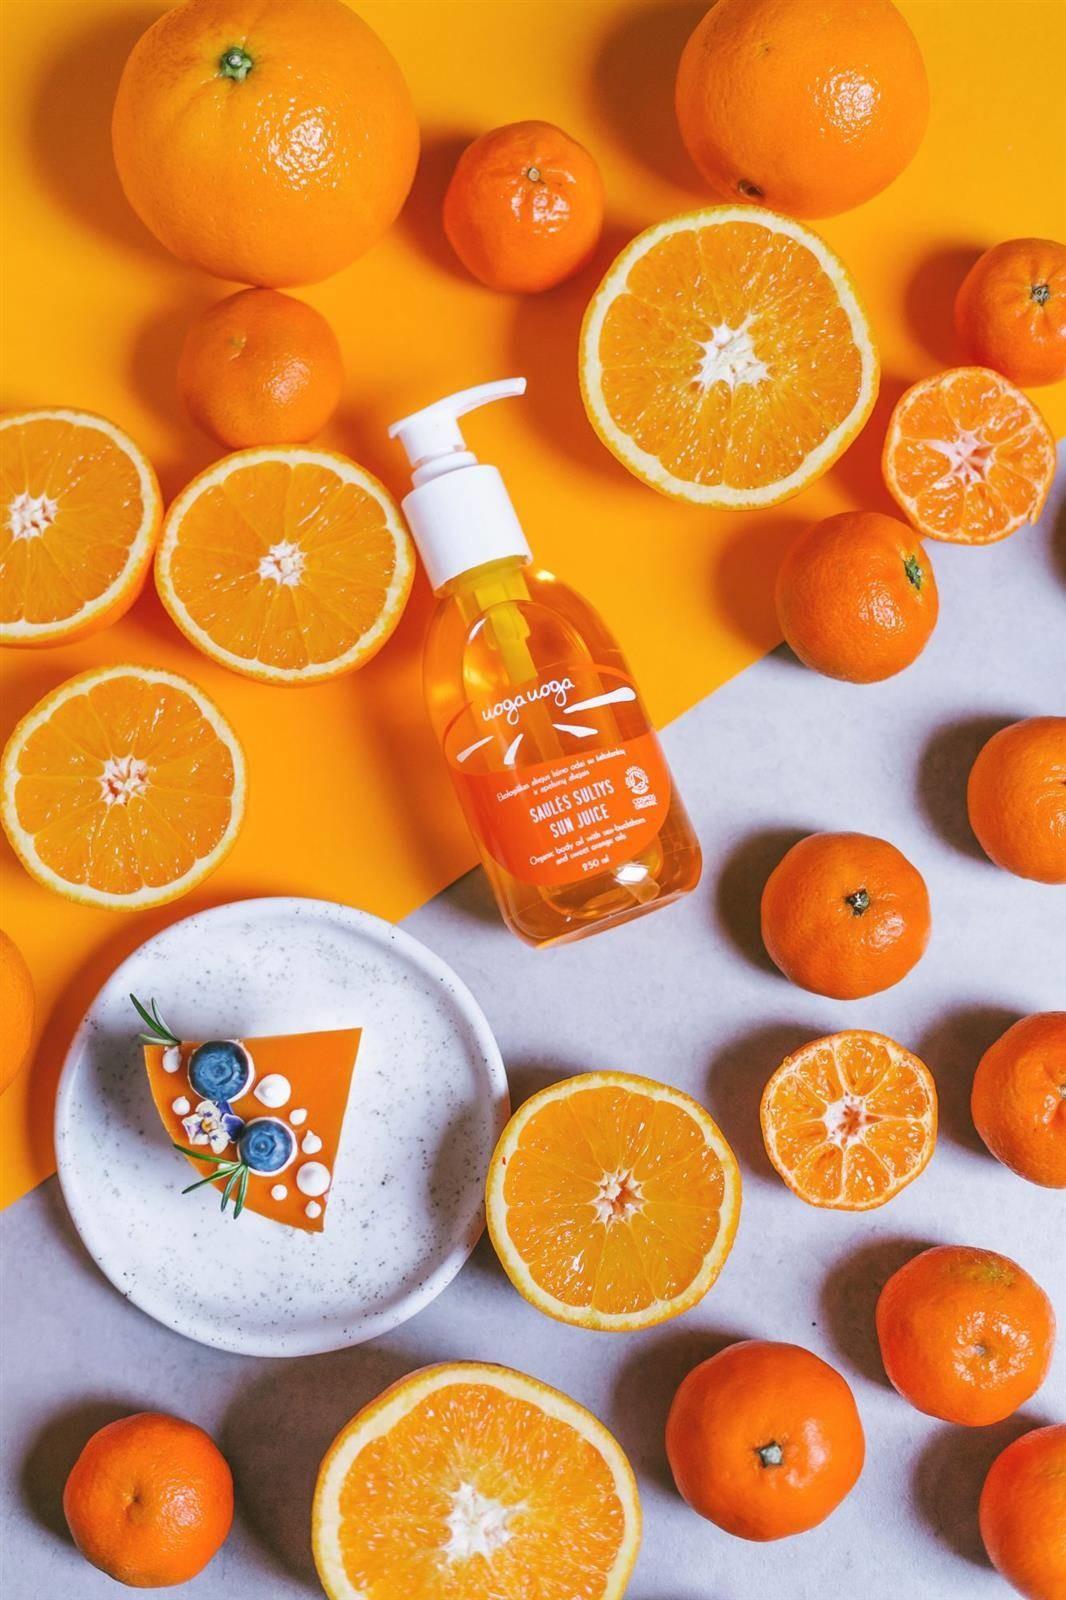 UOGA UOGA Uoga Uoga, Organiczny olejek do ciała z rokitnikiem i olejkiem ze słodkiej pomarańczy, 250ml